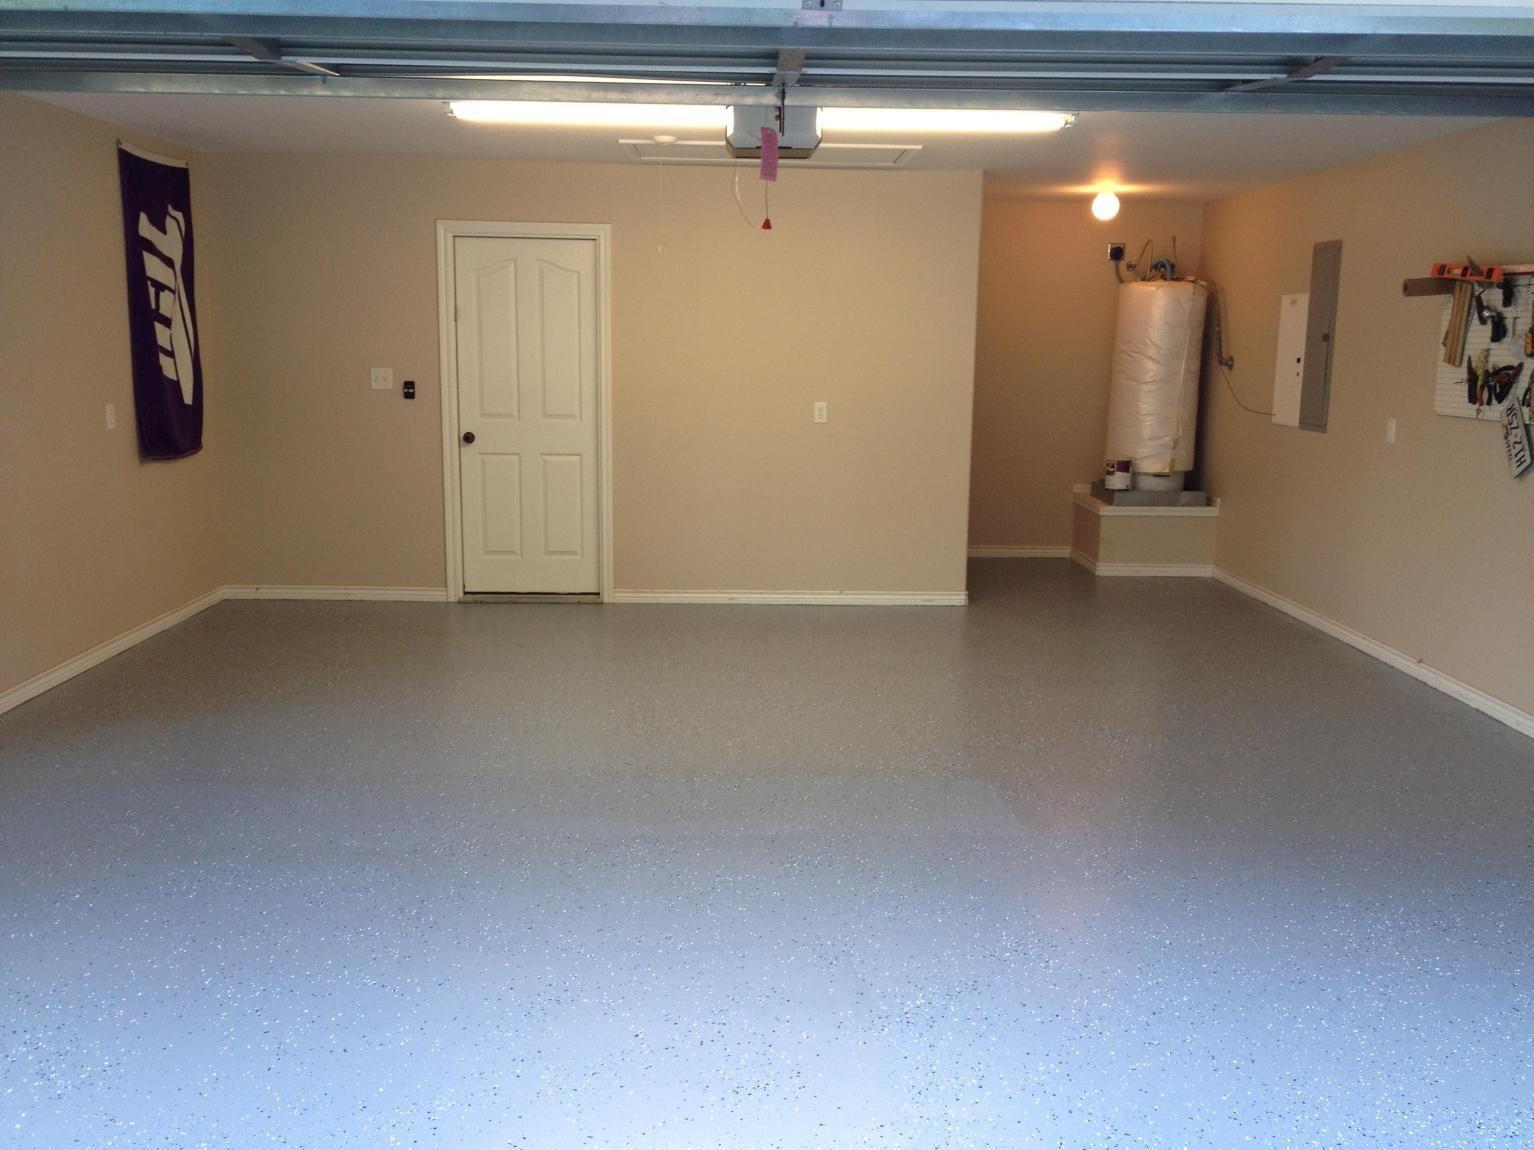 30 Perfect Basement Concrete Floor Paint Color Ideas Garage Paint Colors Painted Floors Floor Paint Colors